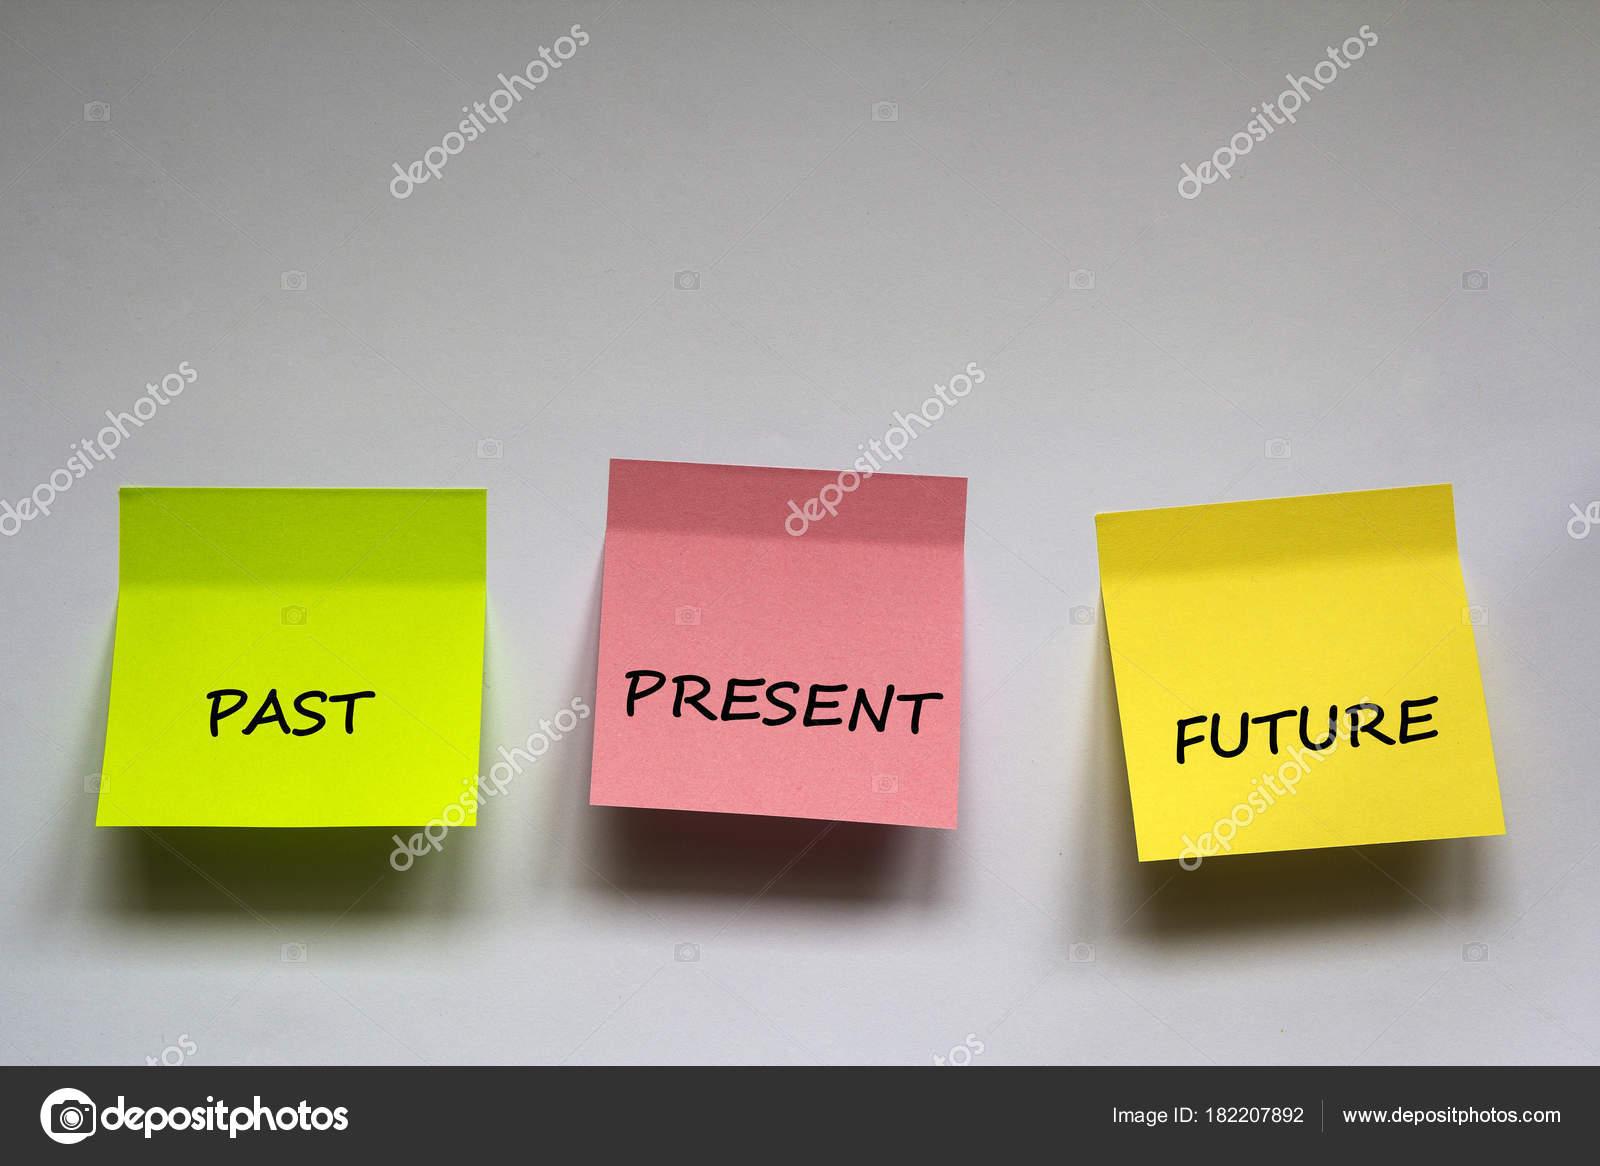 Passado Presente Futuro Frase Escrita Etiquetas Coloridas Fundo